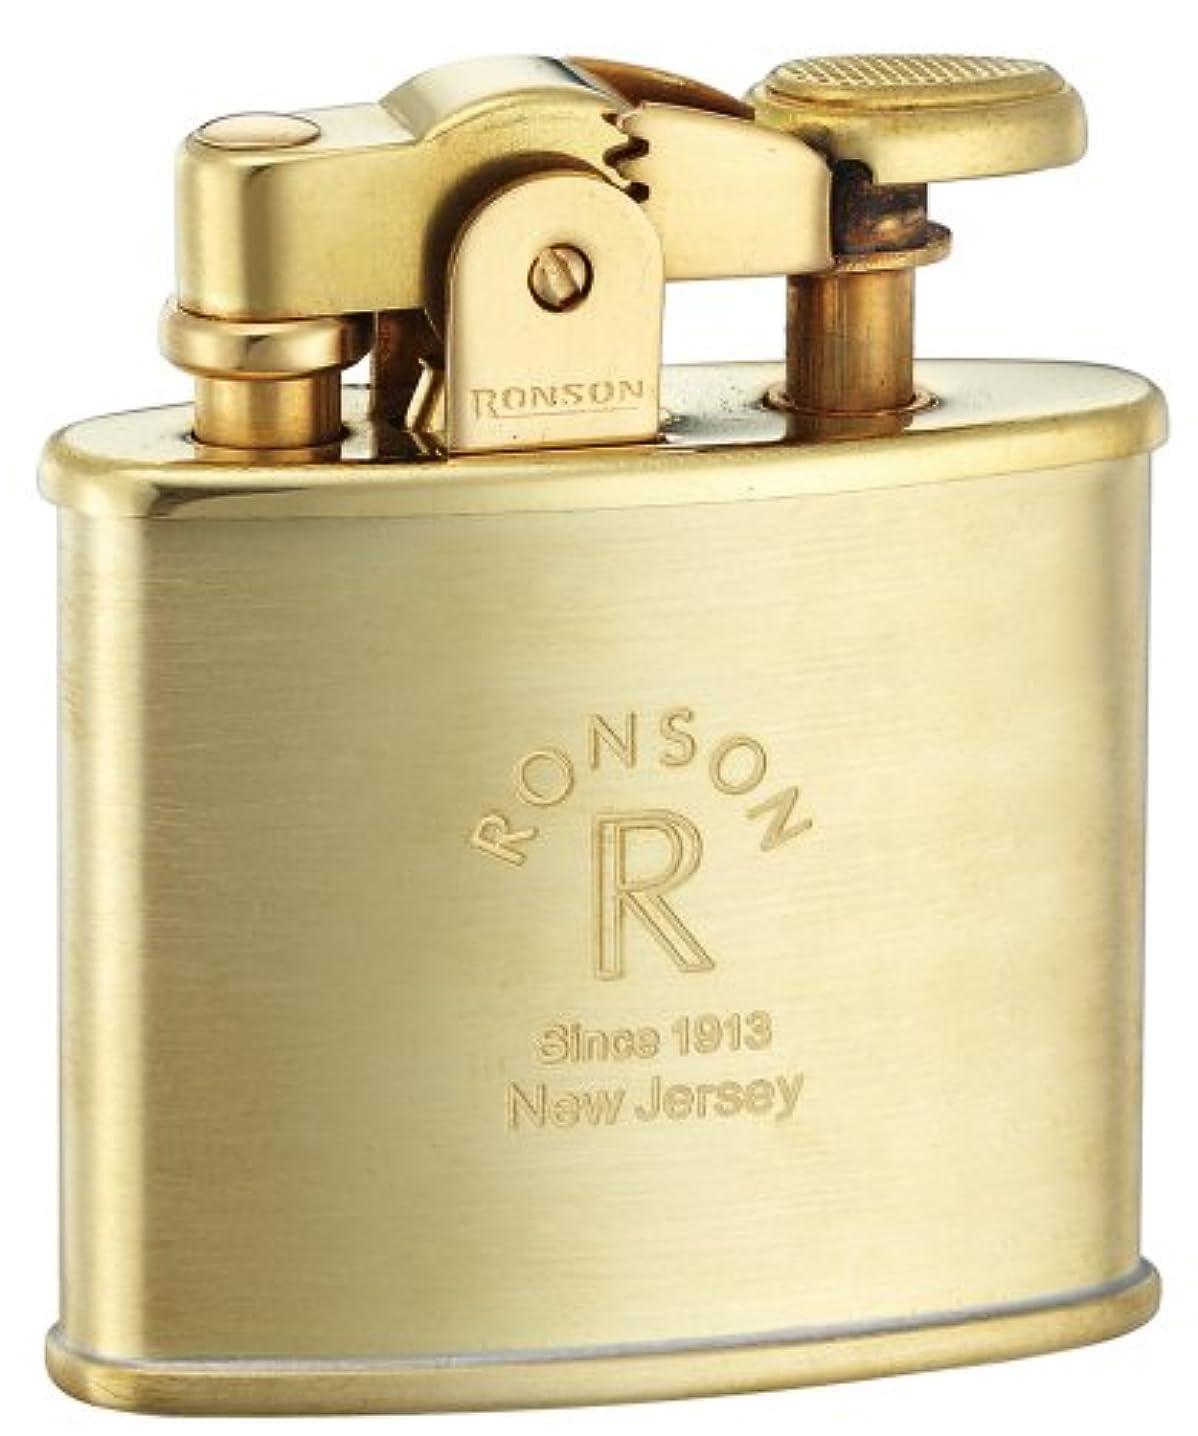 マウンド電話悪魔RONSON ロンソン オイルライター スタンダード フリント式 ブラスサテン R02-0024